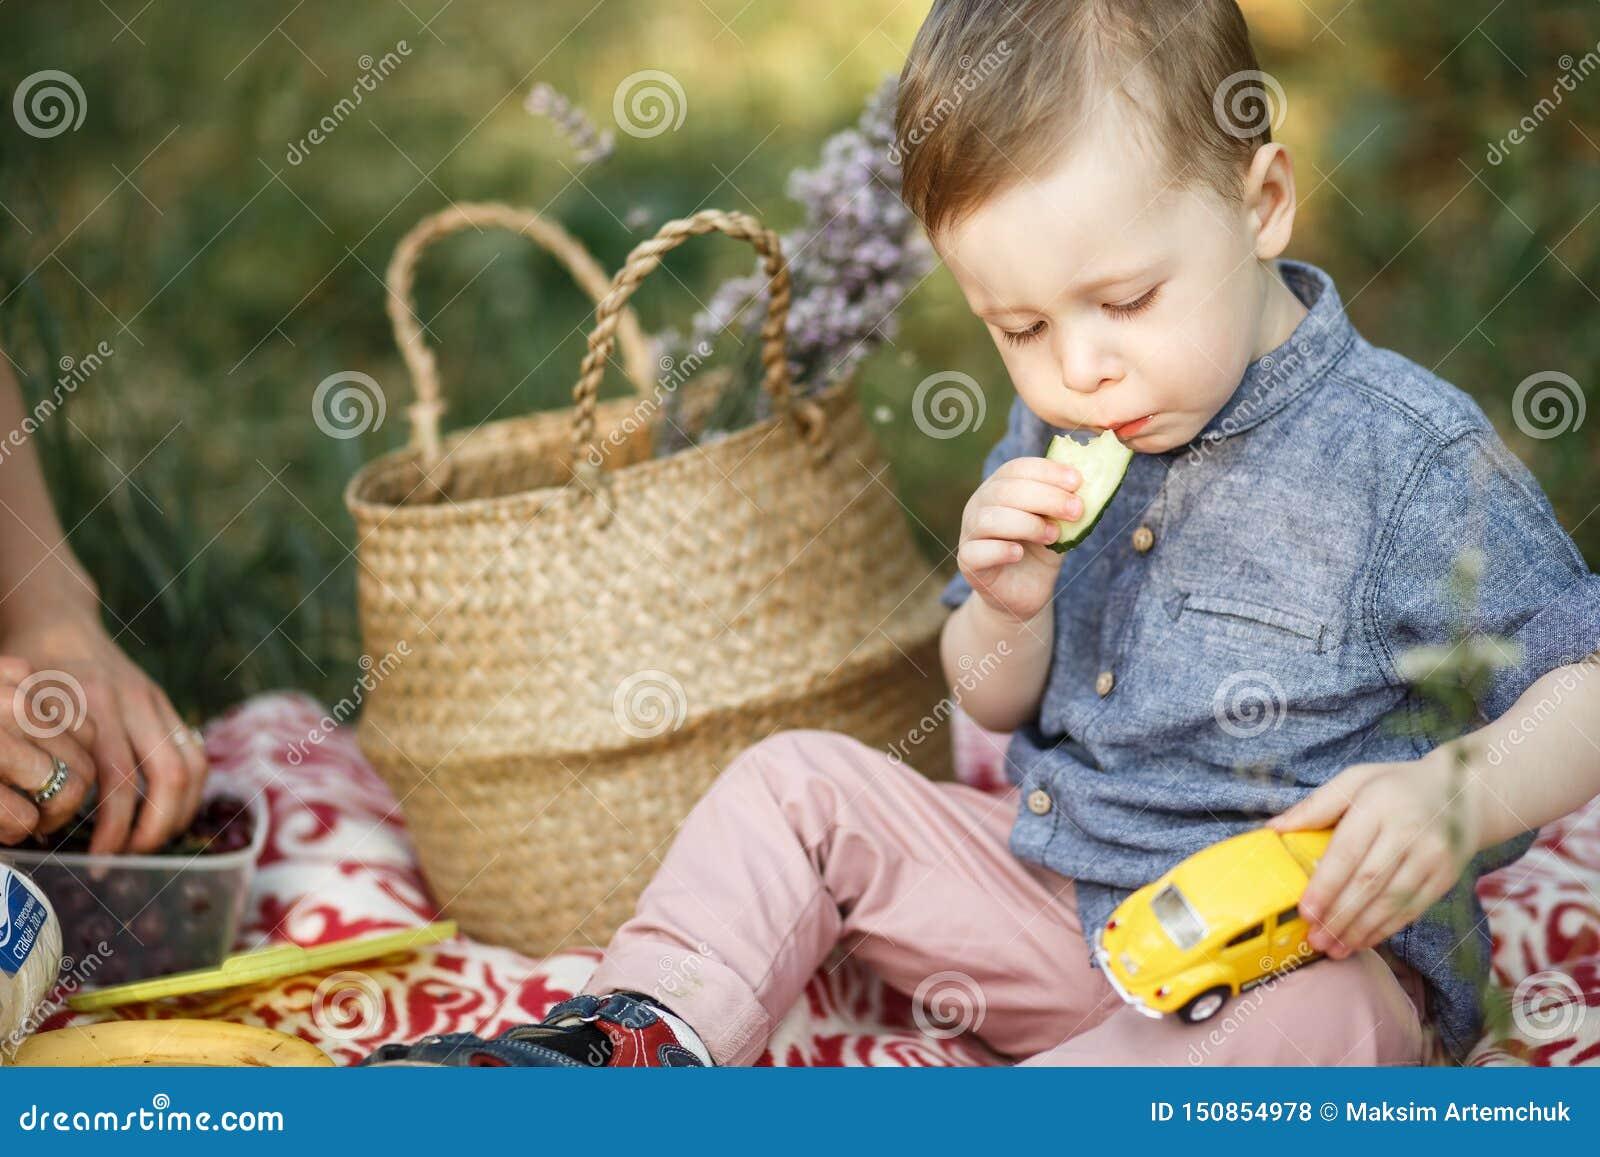 Мимо сидит на одеяле и играет с игрушкой Он имеет желтый автомобиль на его ворсине Также ребенк ест